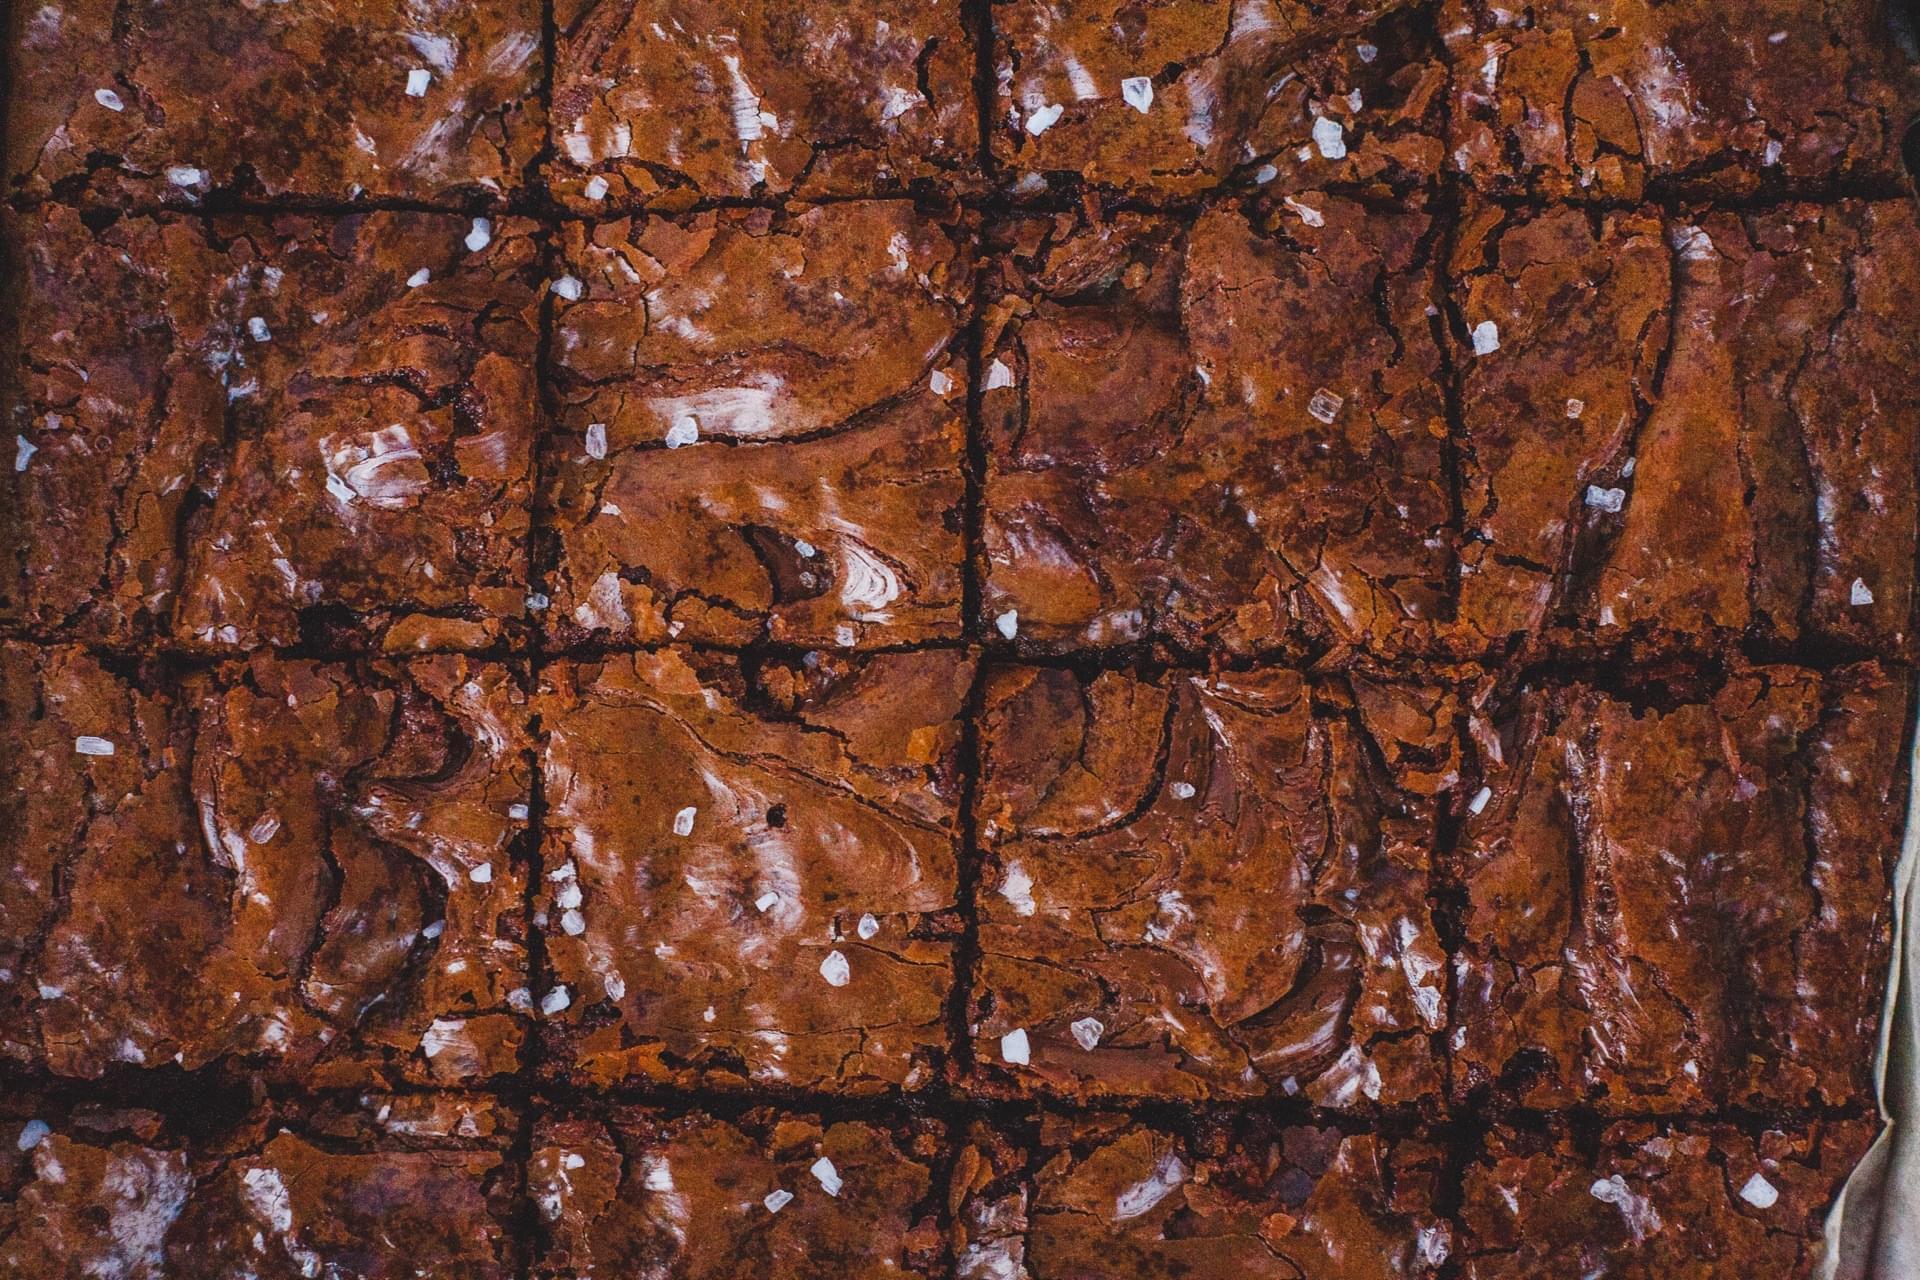 Chocolate Hazelnut Espresso Brownies